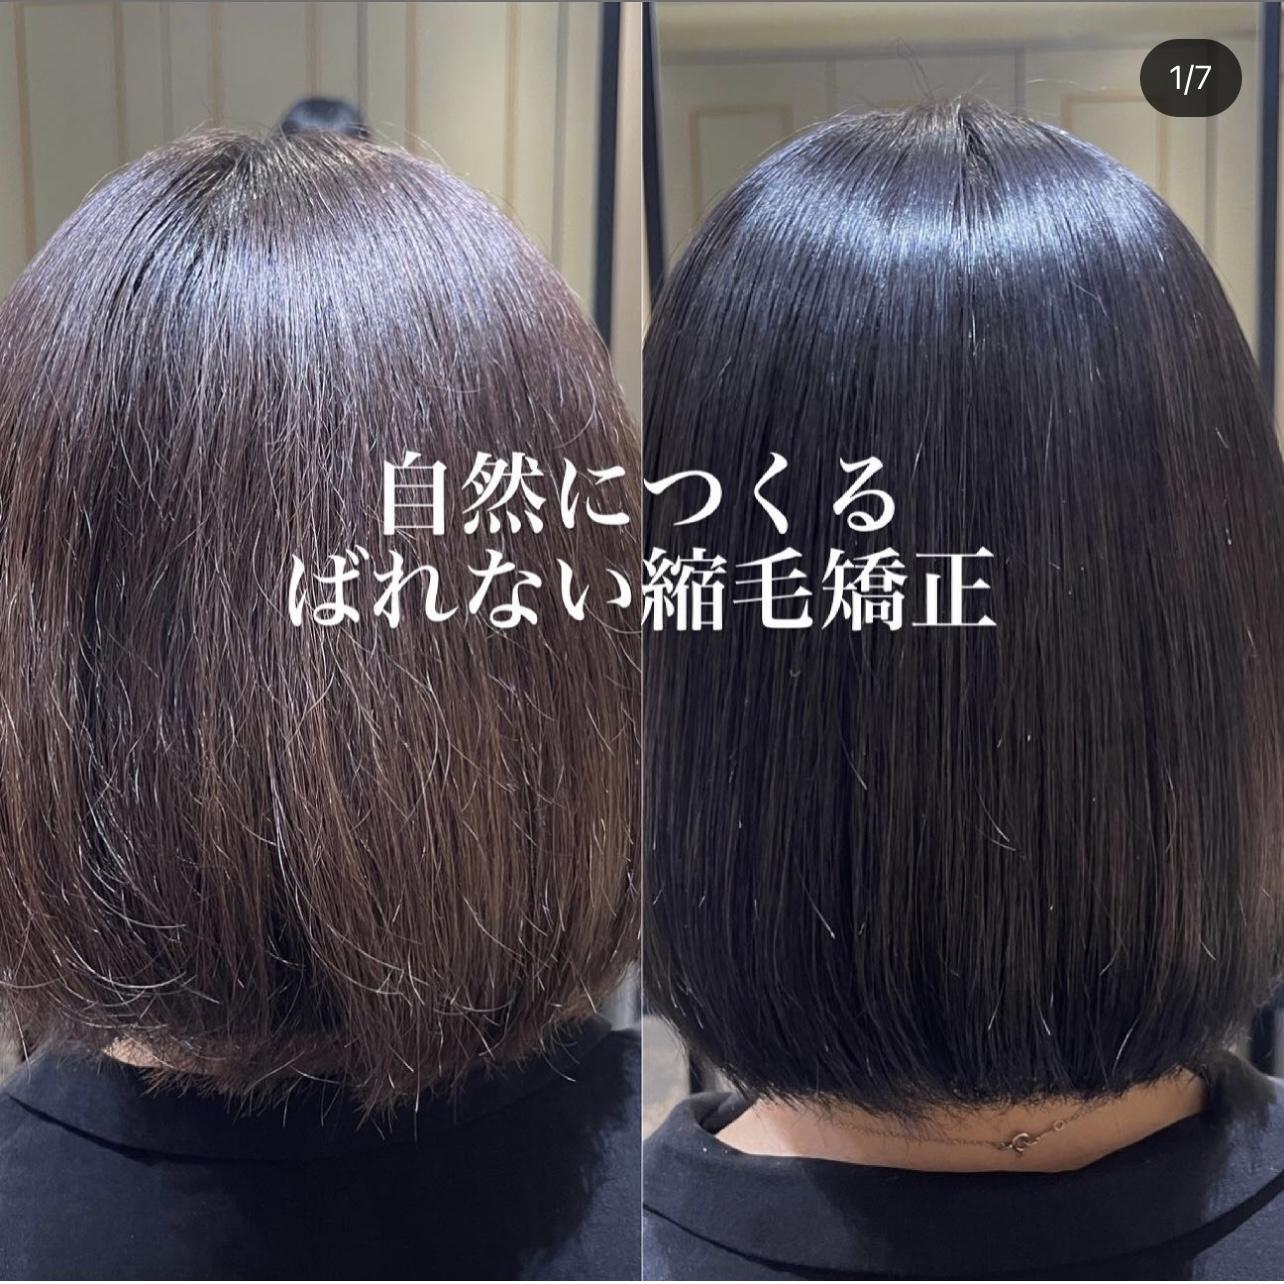 ナチュラルな縮毛矯正は作れます!!美容師が教える5つの方法